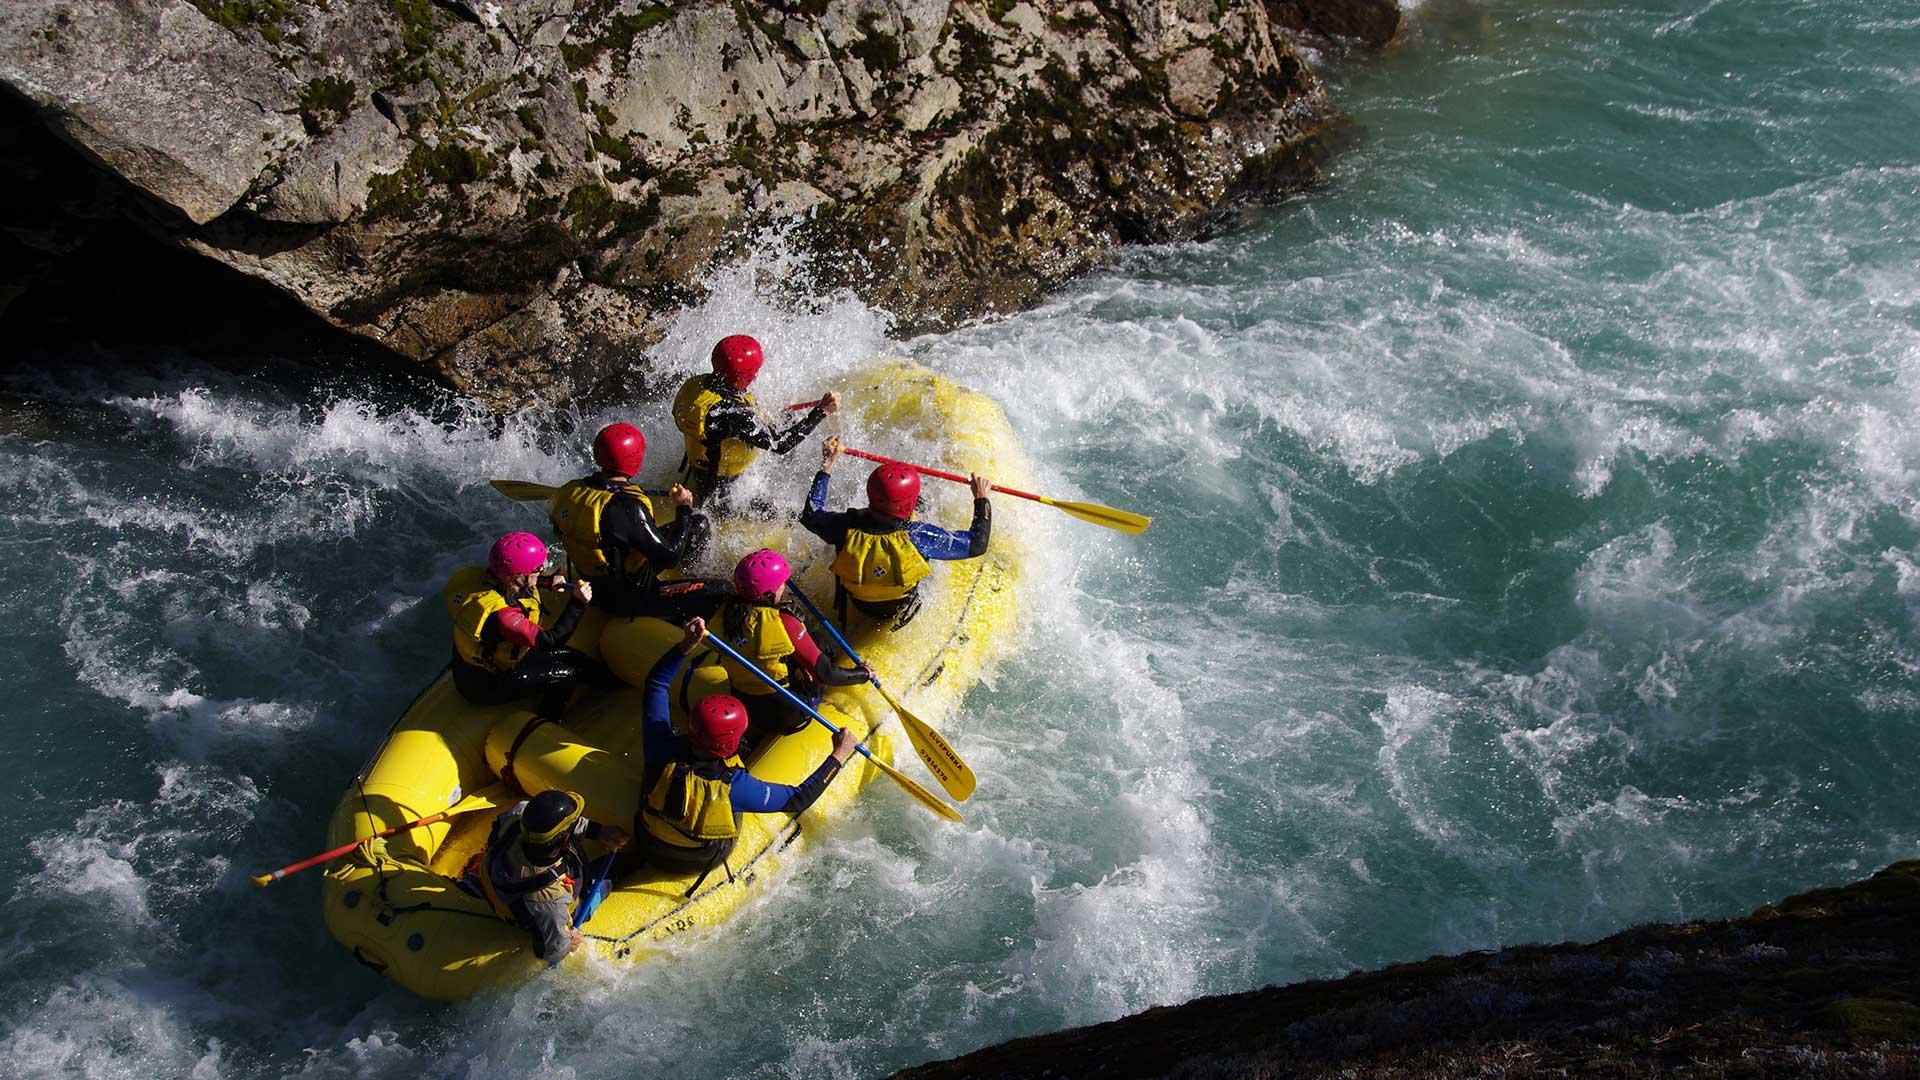 Mennesker i raftingbåt i frådende elv